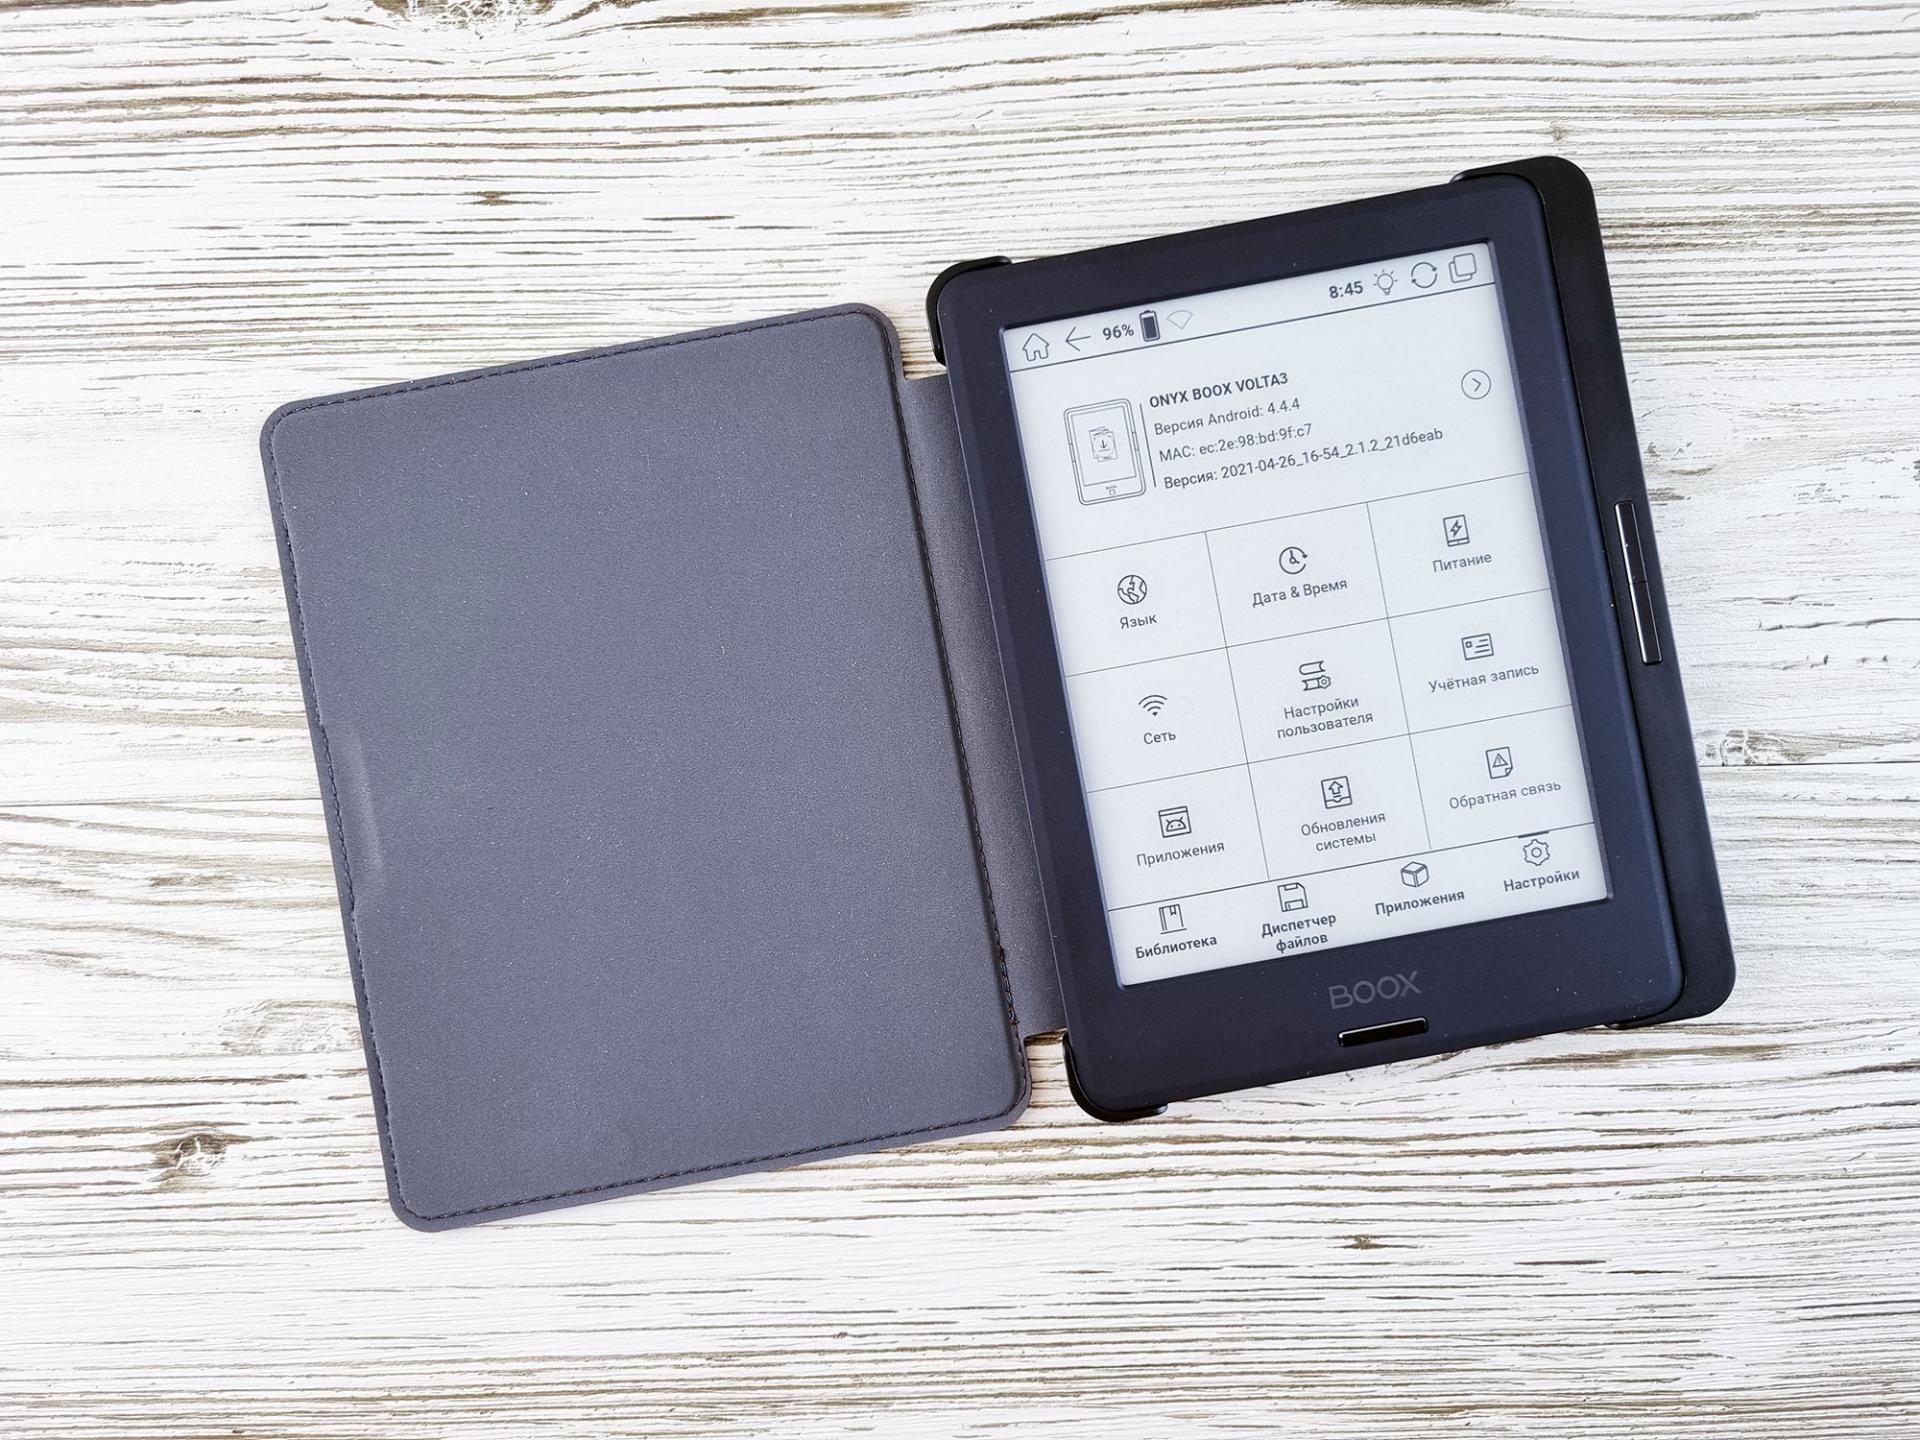 Тест-драйв электронной книги ONYX BOOX Volta 3